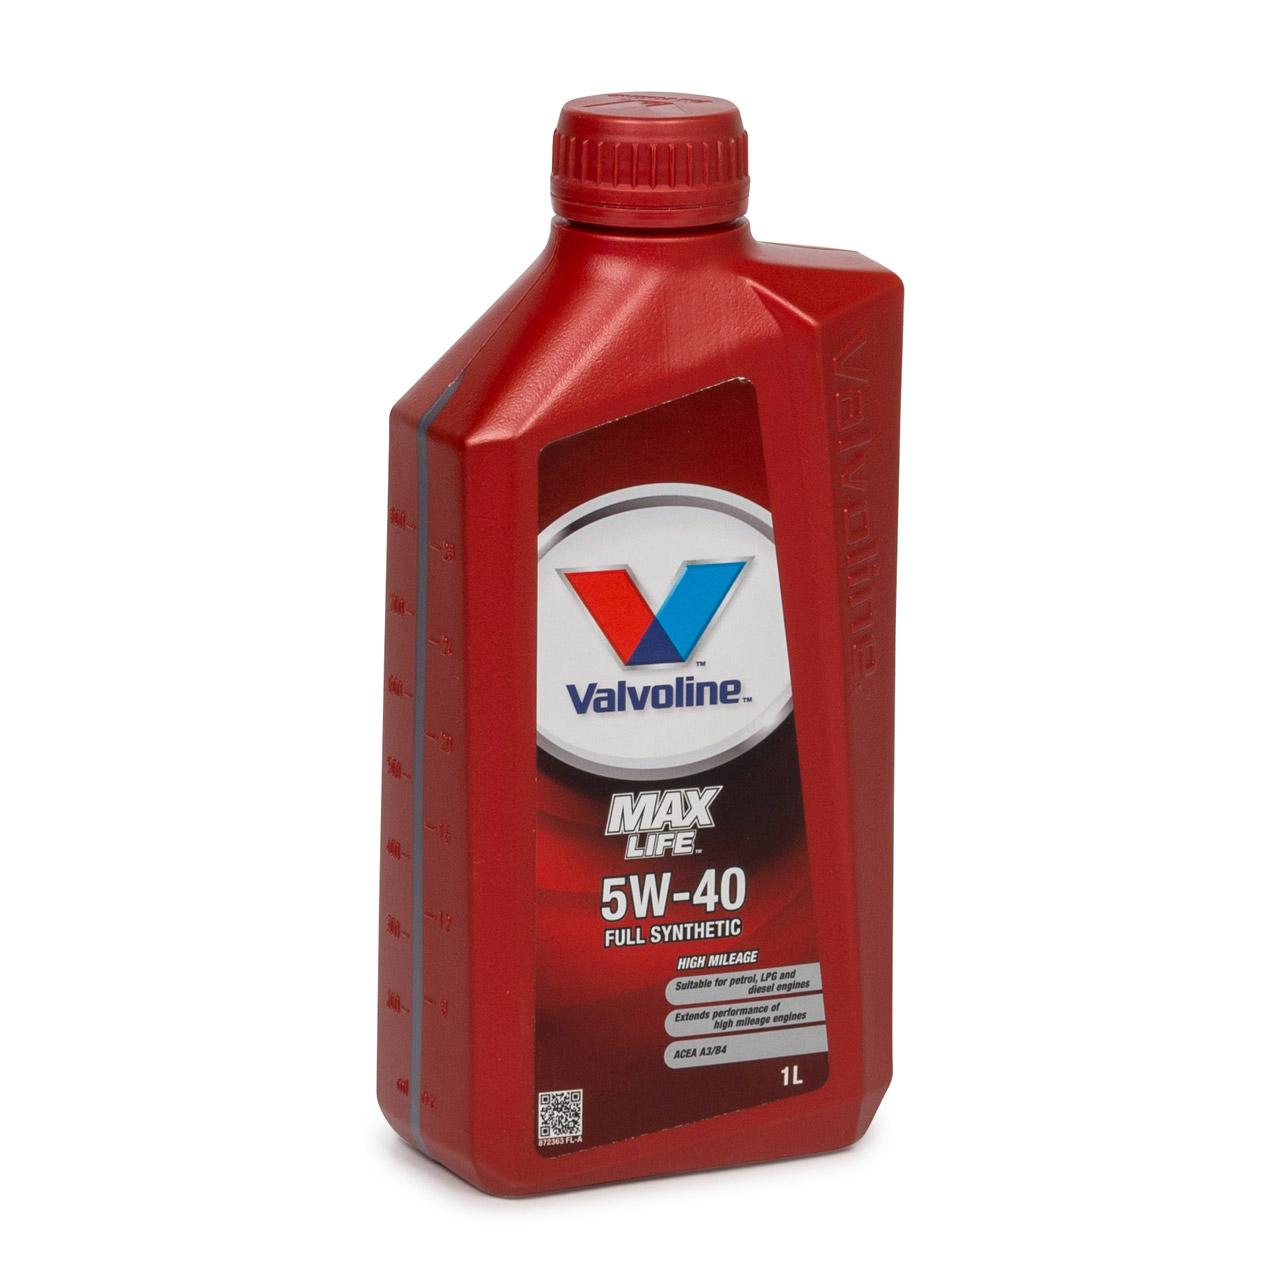 VALVOLINE Motoröl ÖL MAX LIFE 5W40 MB 229.3 VW 502/505.00 RN0700 RN0710 1 Liter